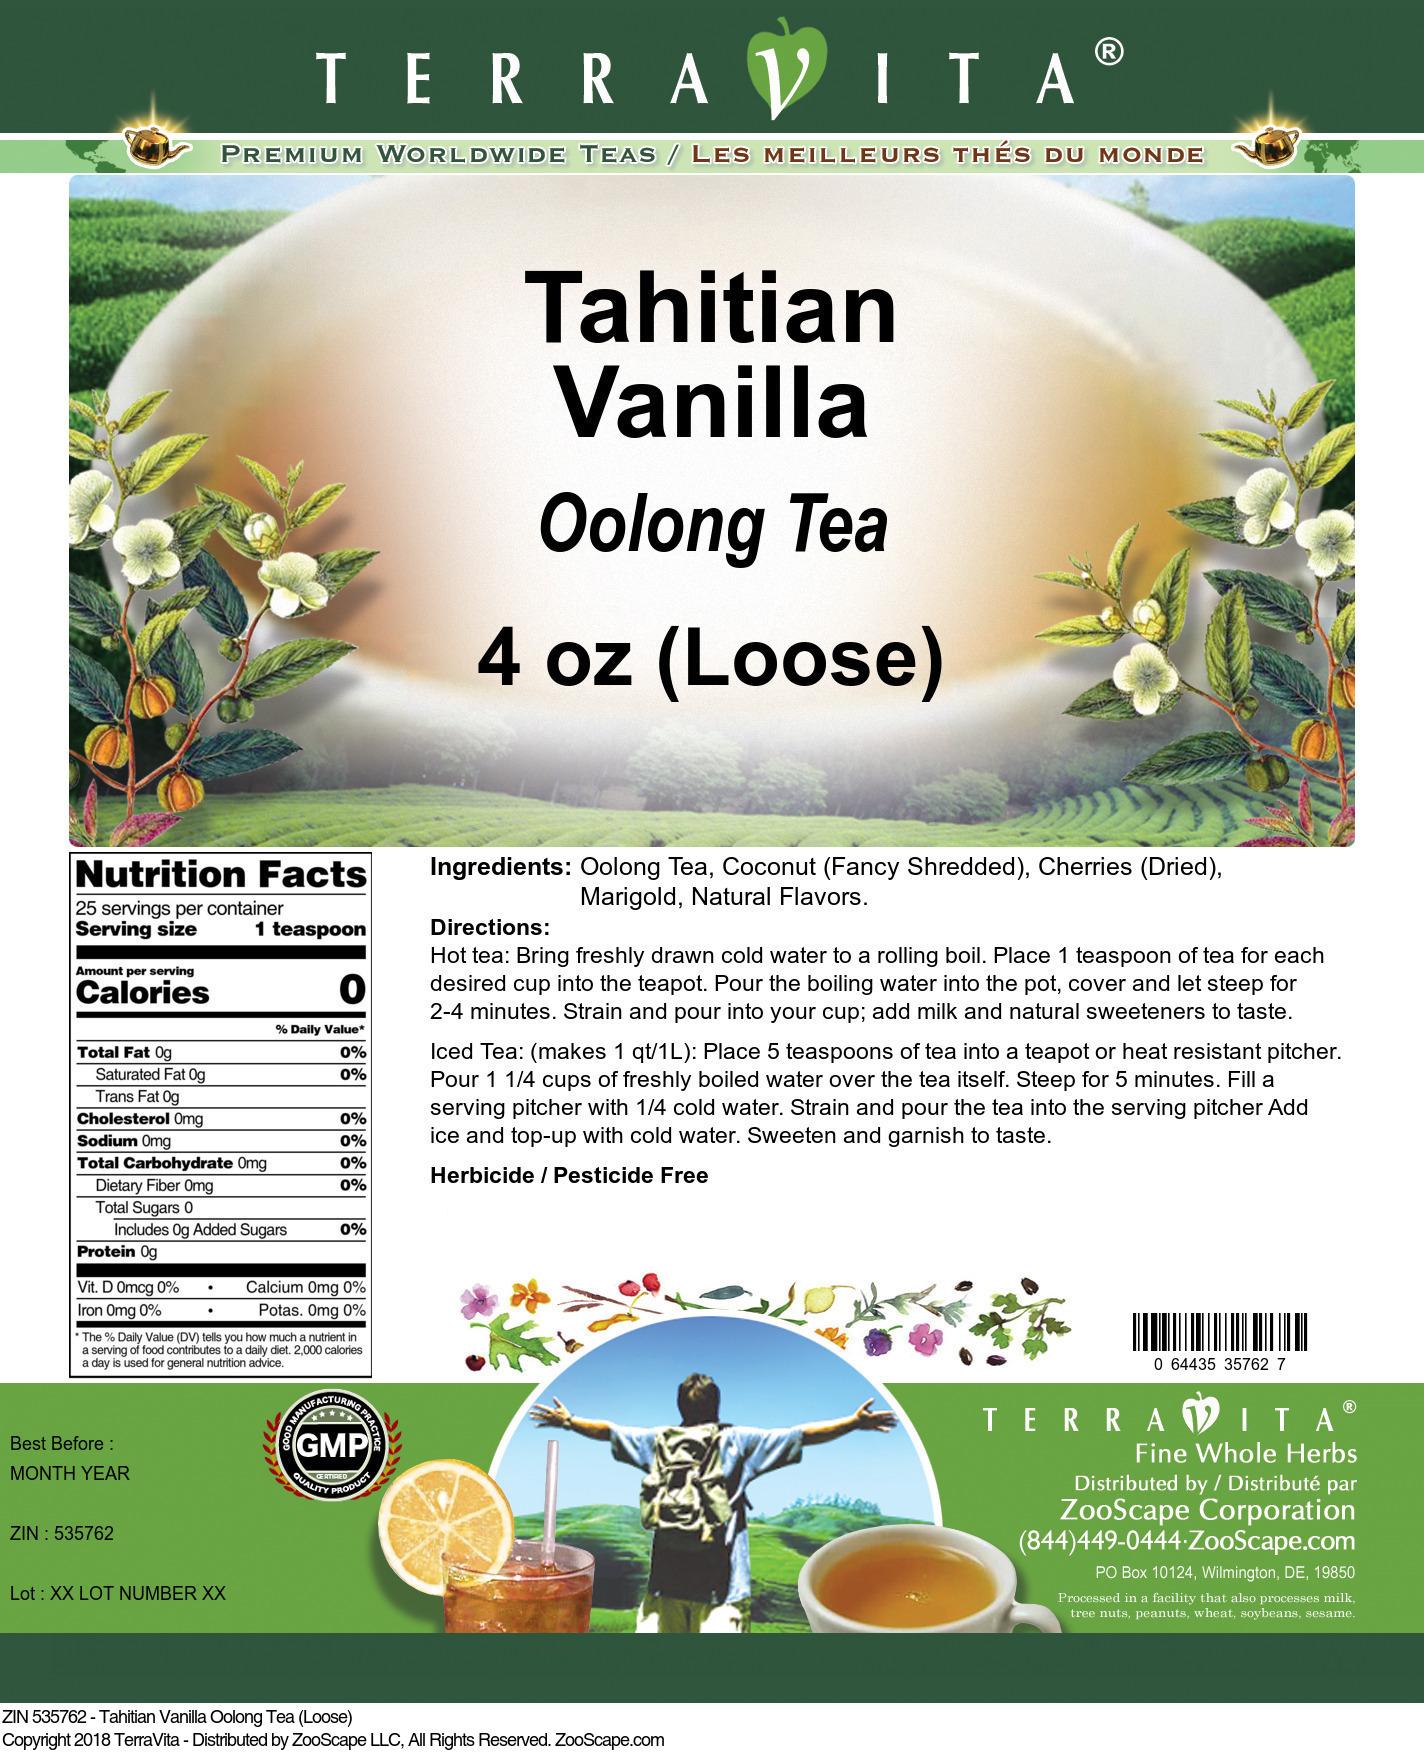 Tahitian Vanilla Oolong Tea (Loose)